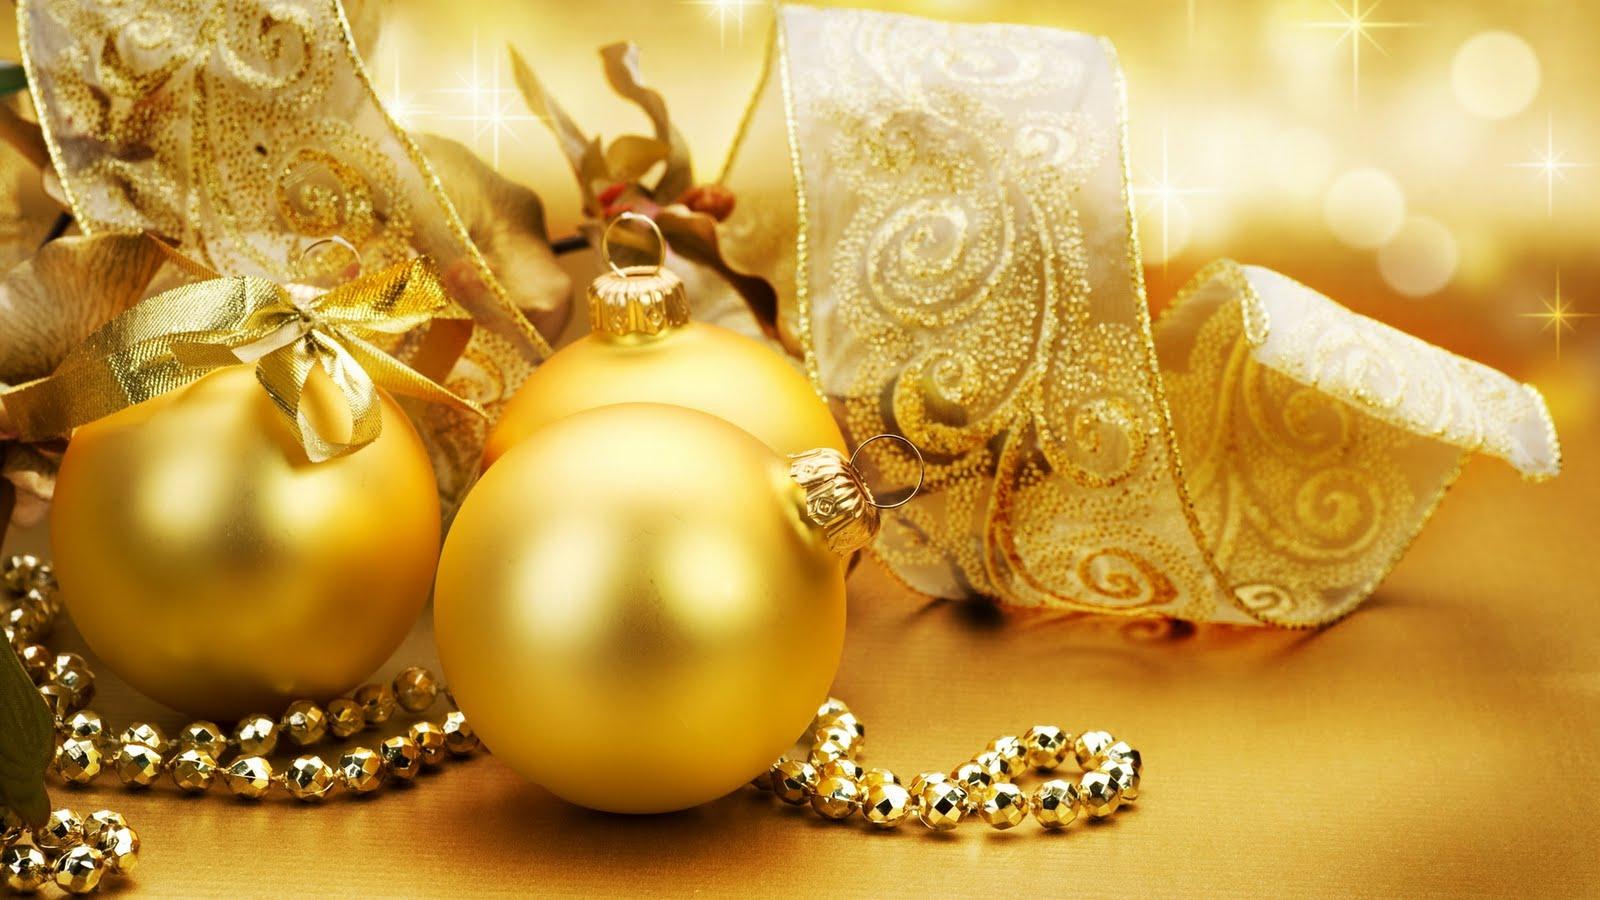 258 2583221 spongebob hintergrund hd hintergrundbilder christmas decorations in gold